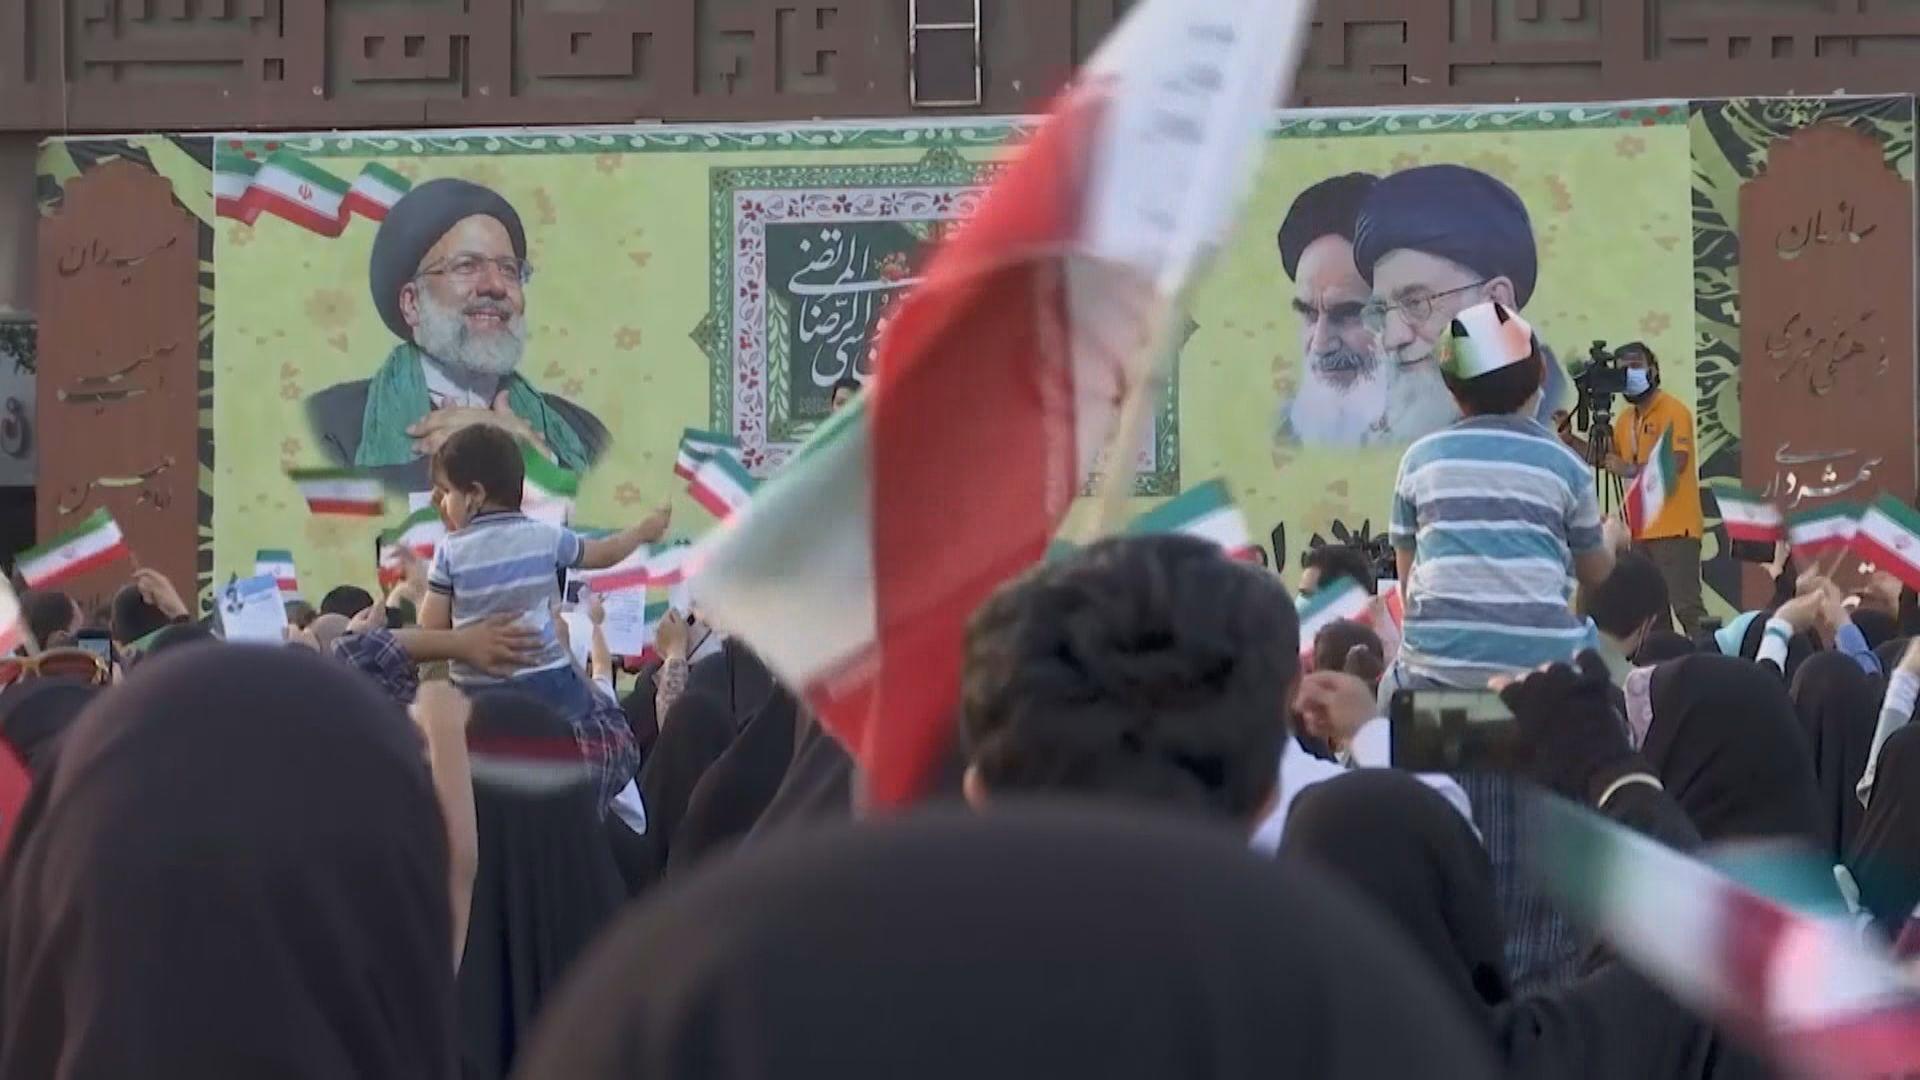 屬強硬路線萊西當選伊朗總統 外界關注核協議談判前景